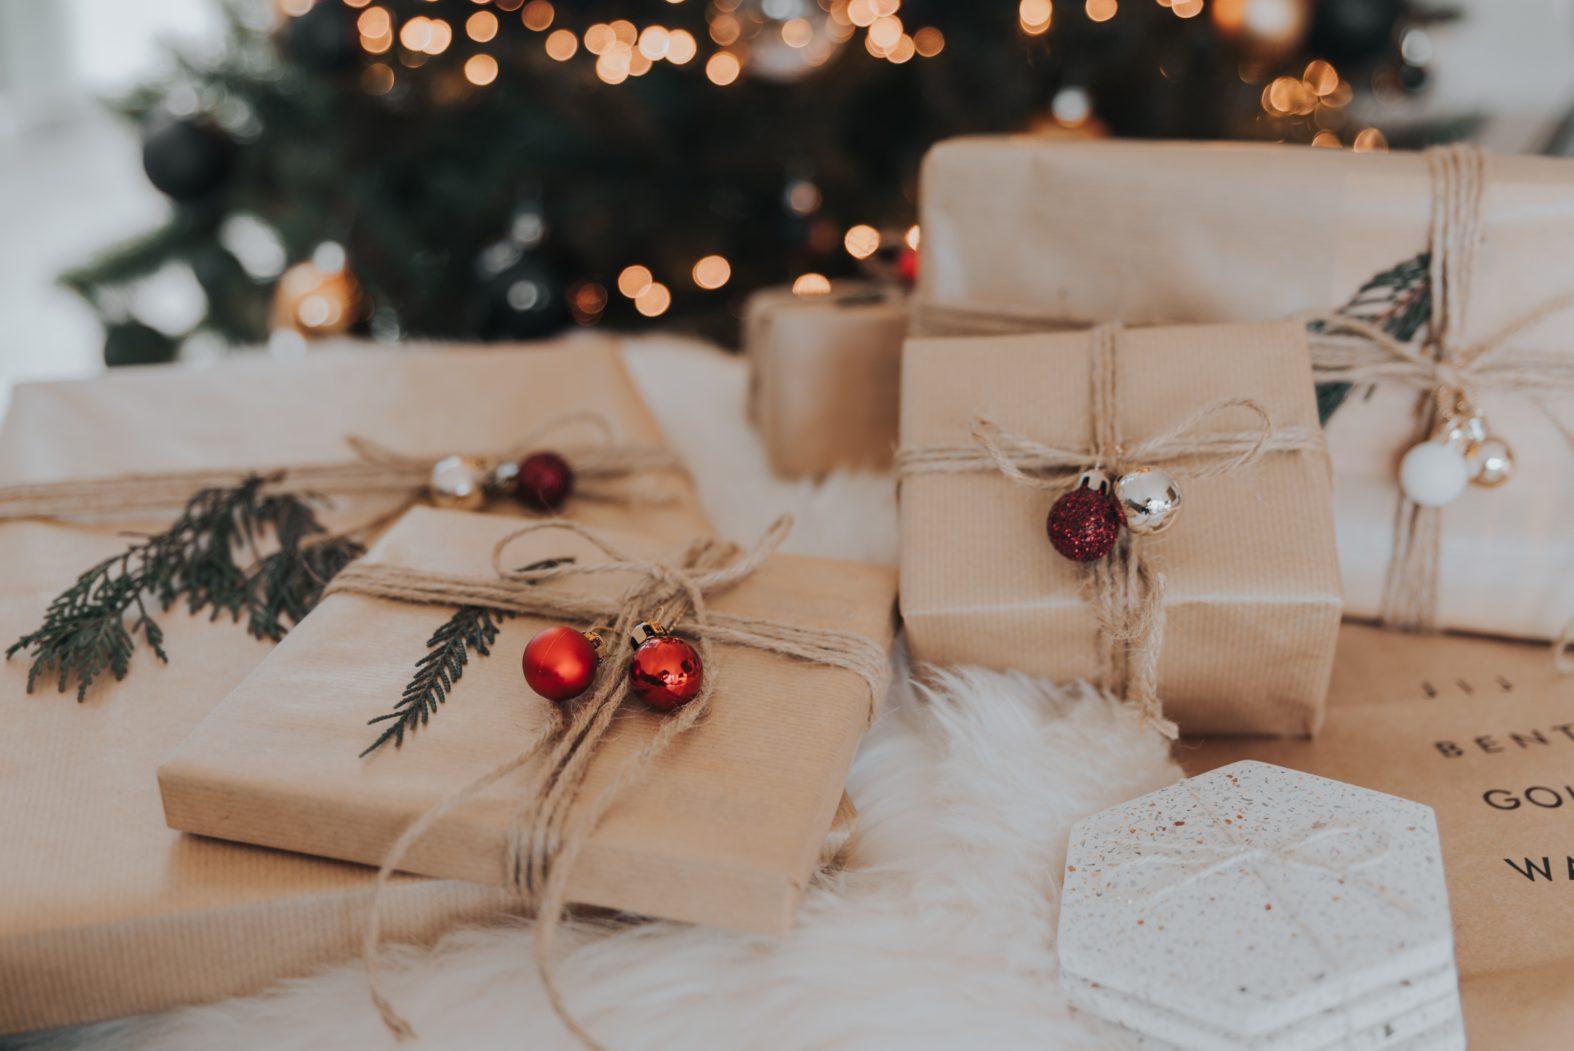 idées de cadeaux de noël éco-responsables